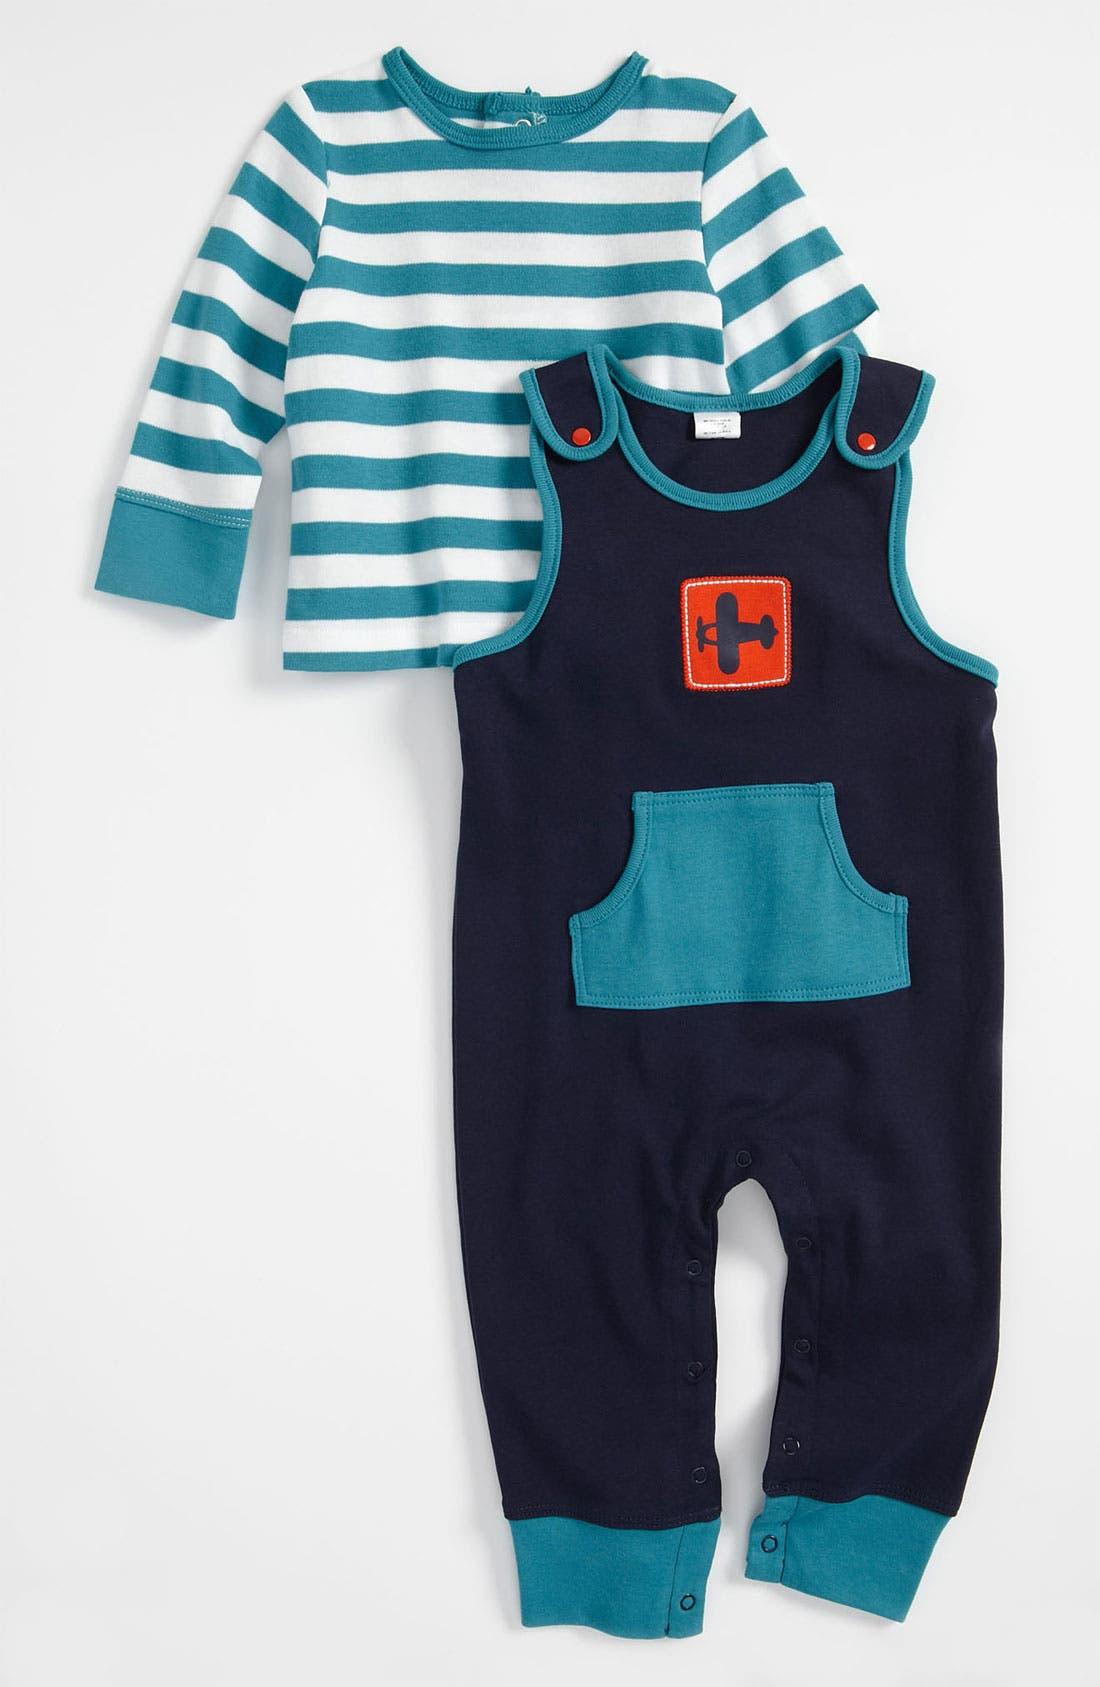 Main Image - Offspring Overalls & Shirt Set (Infant)